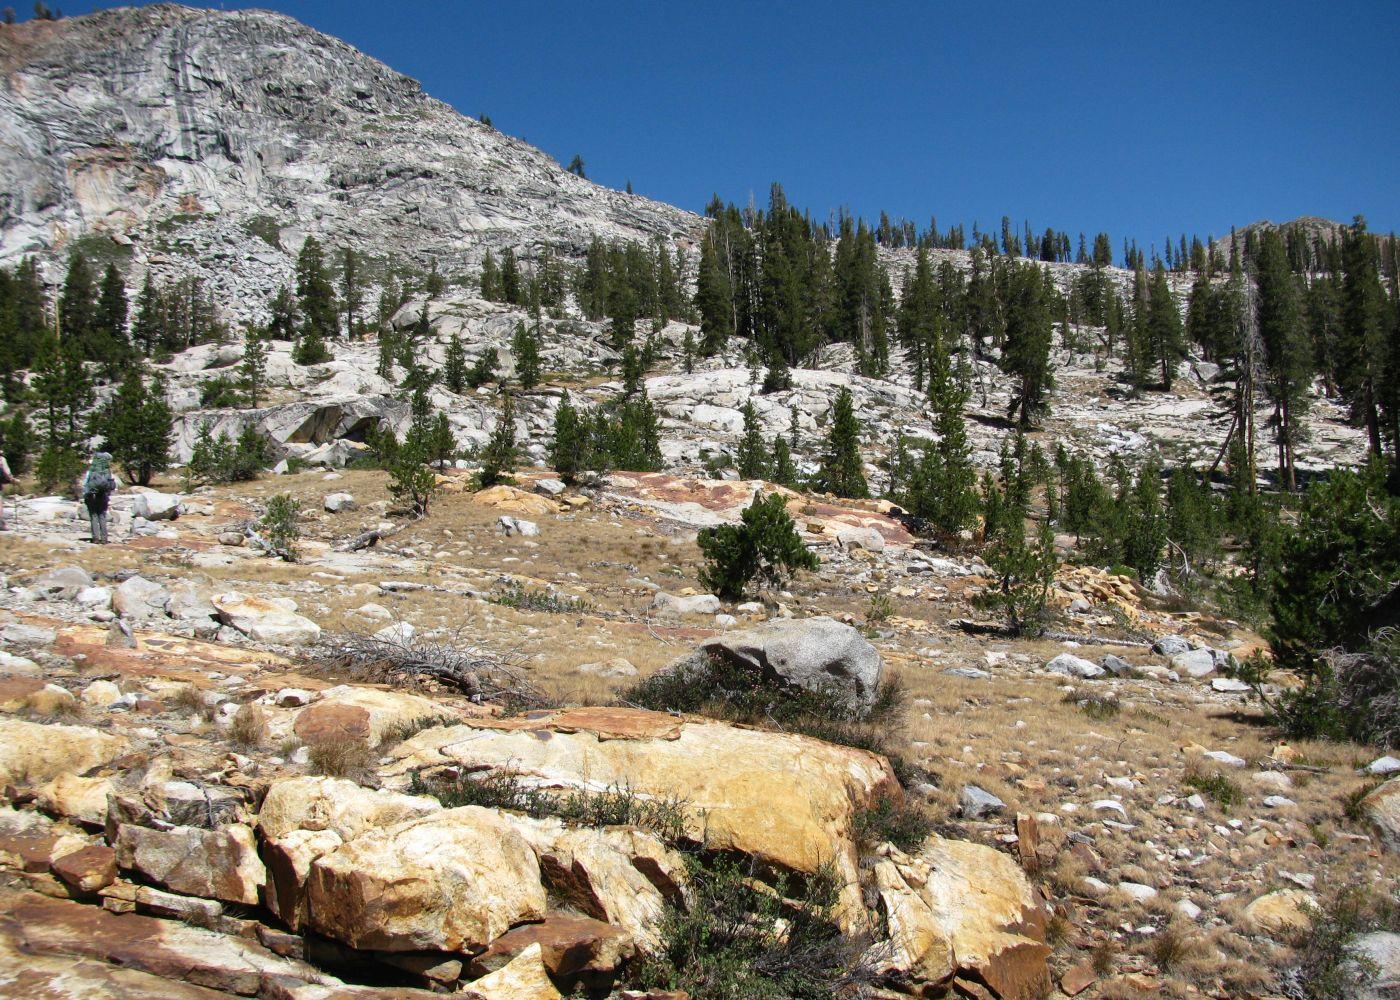 Beginner Backpacking in the High Sierra   Sierra Club Outings